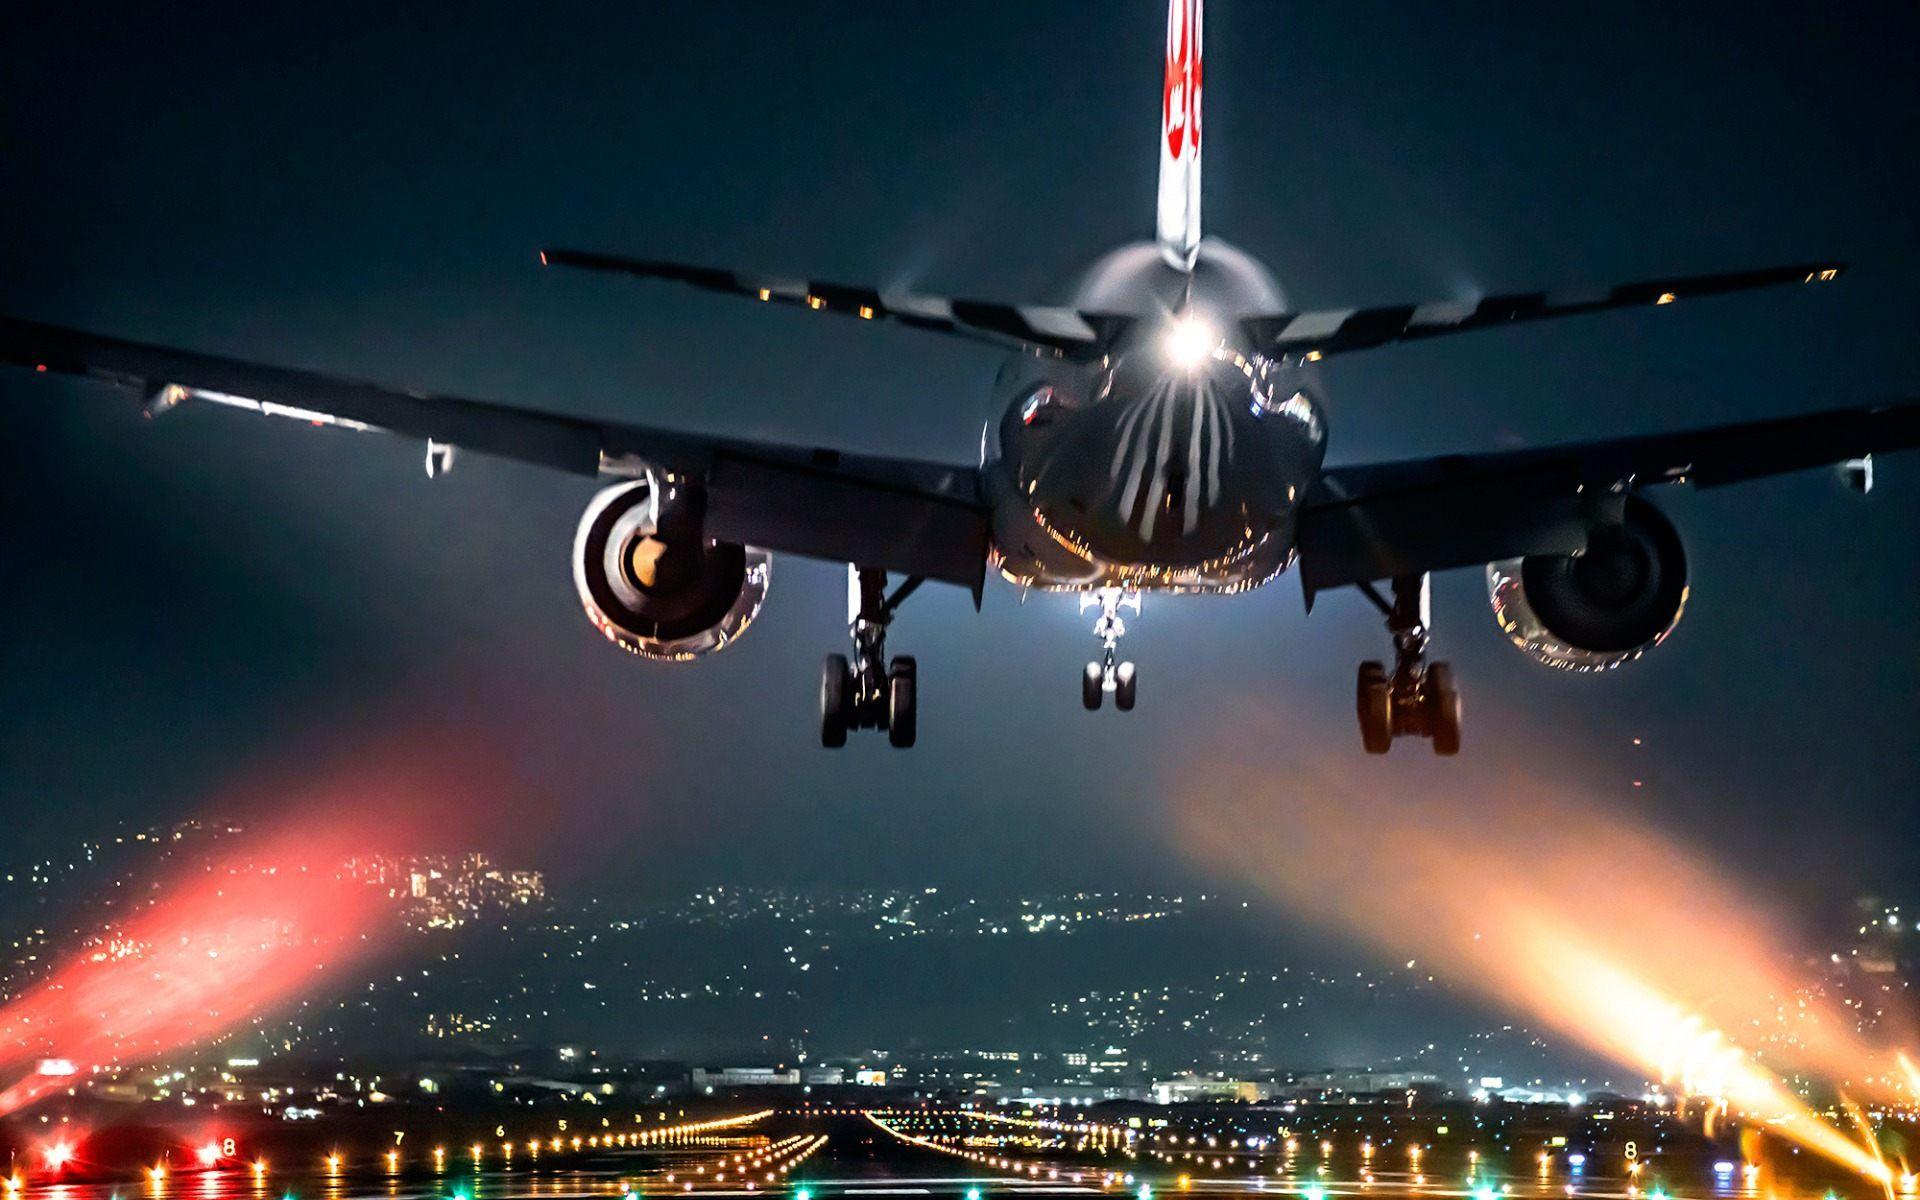 airplane take off at night wallpaper hd free download